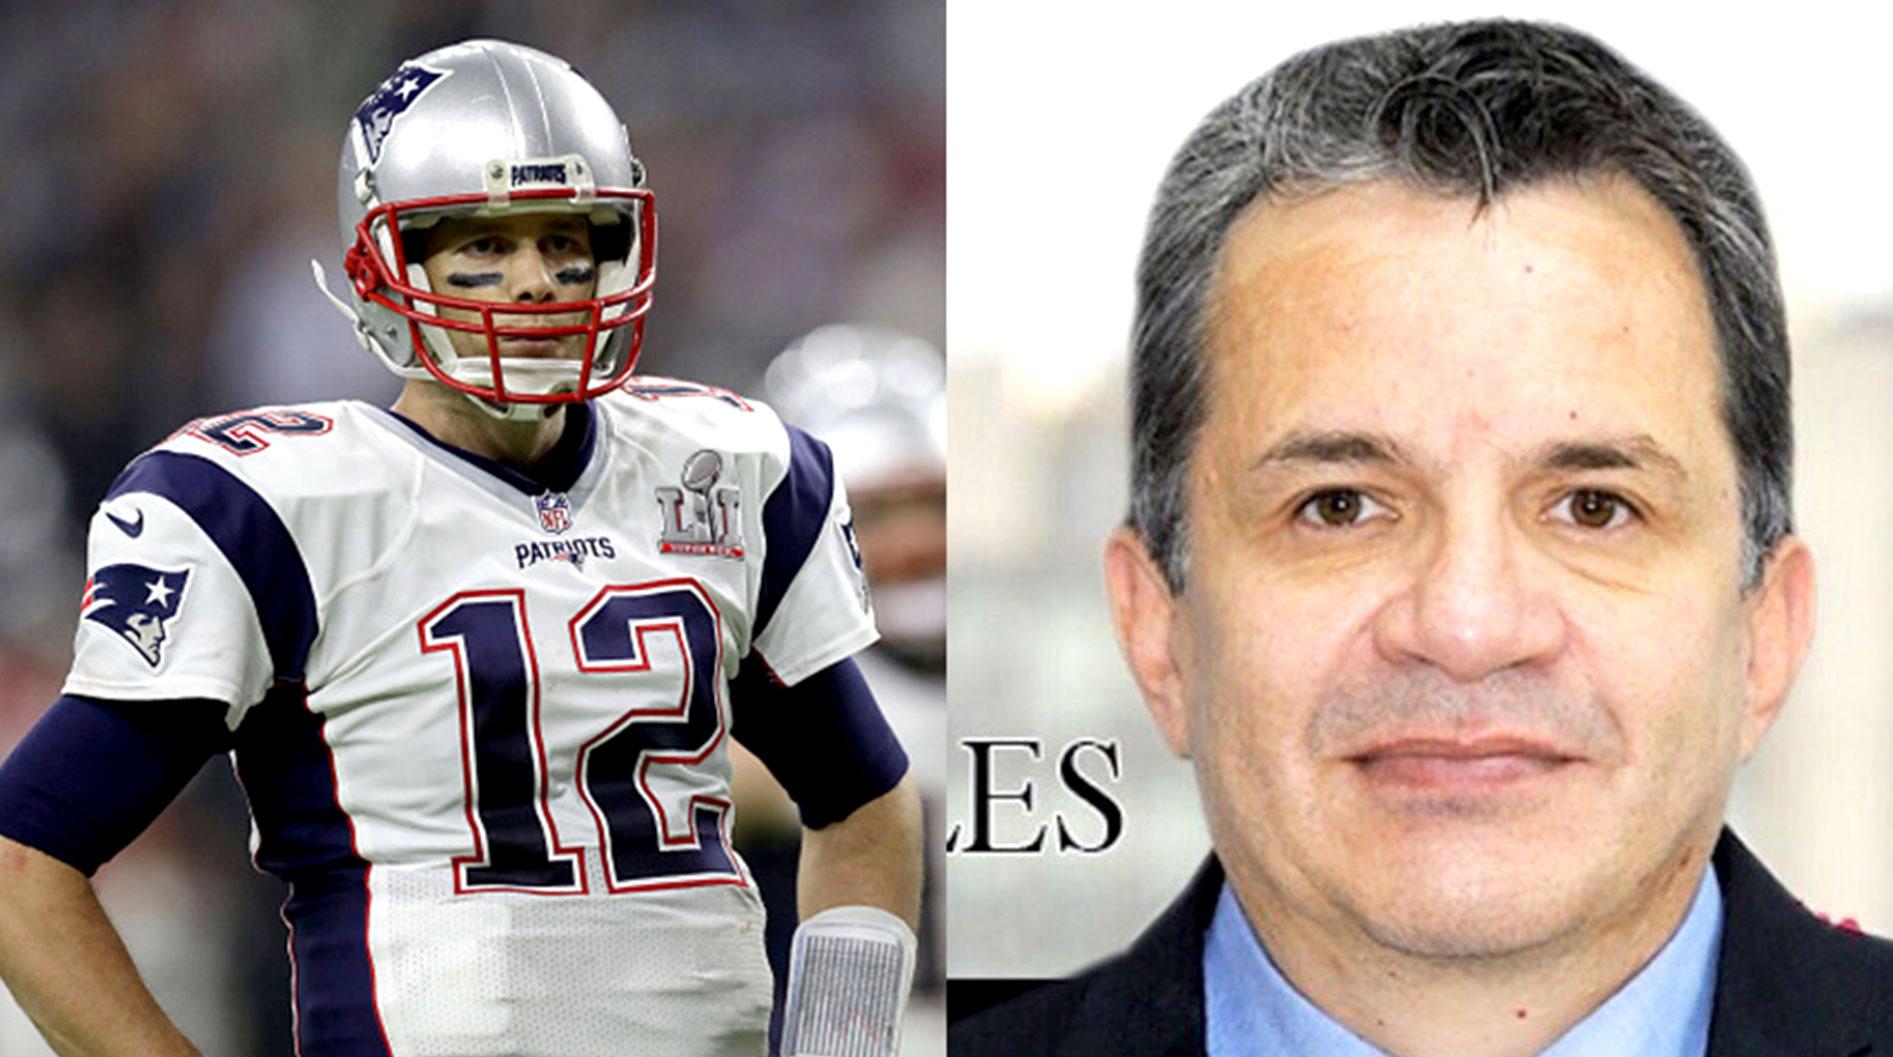 Encontraron el jersey de Tom Brady - La FuenteLa Fuente